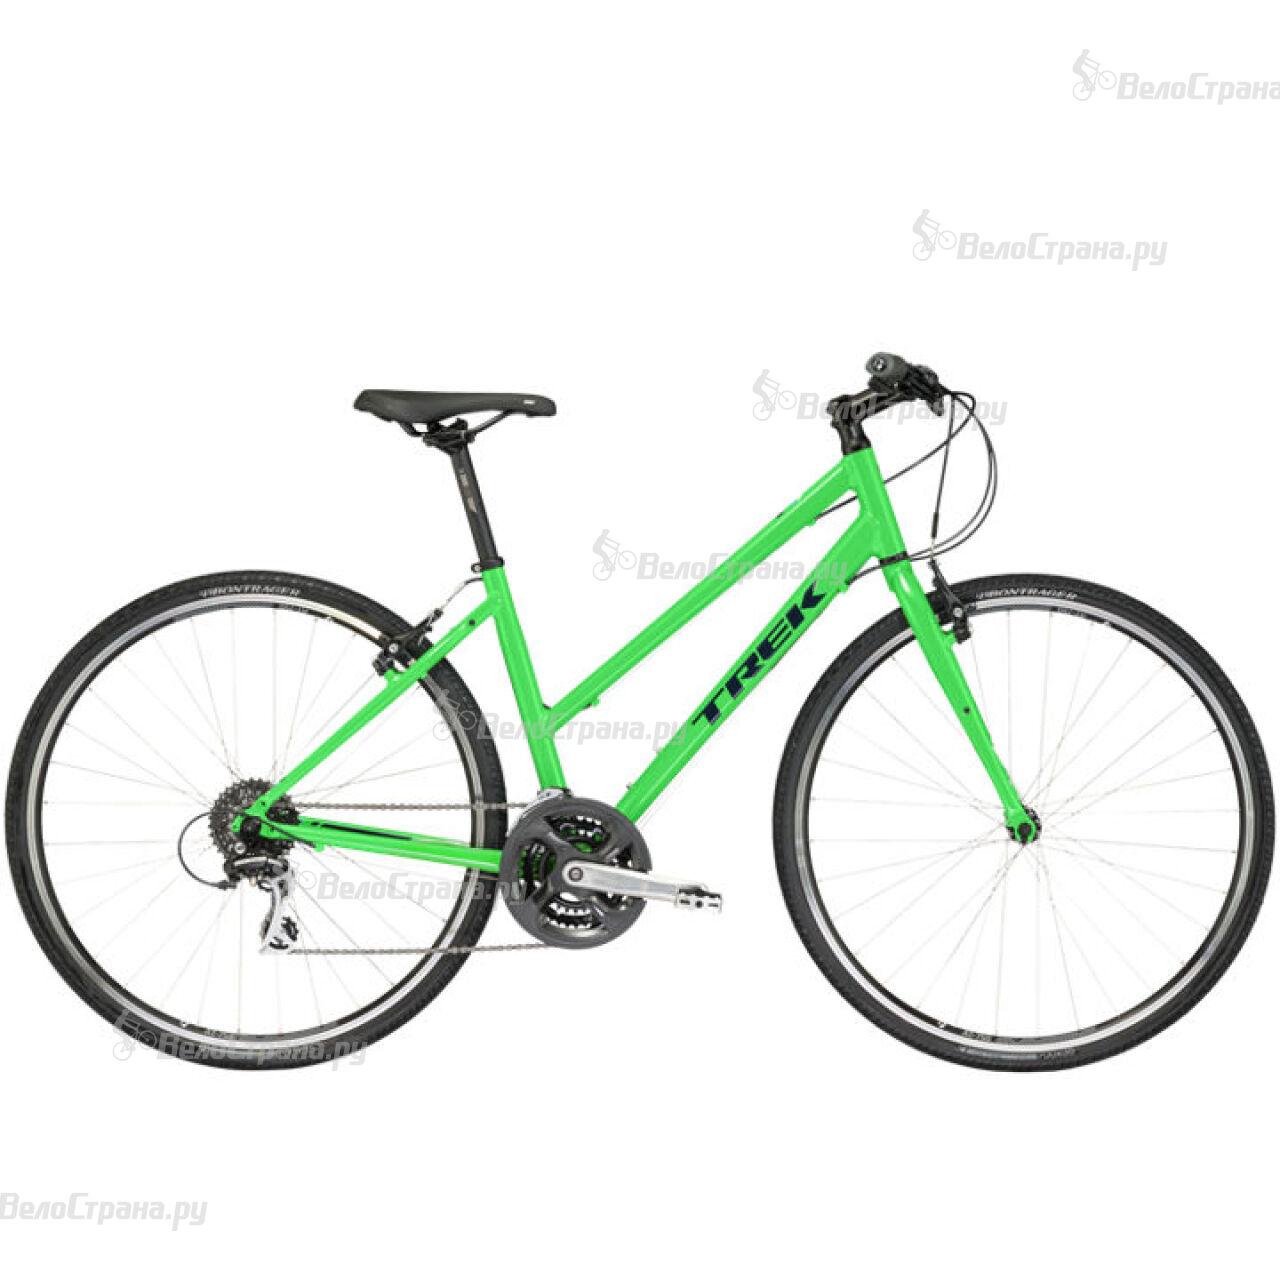 Велосипед Trek FX 2 WSD (2017)